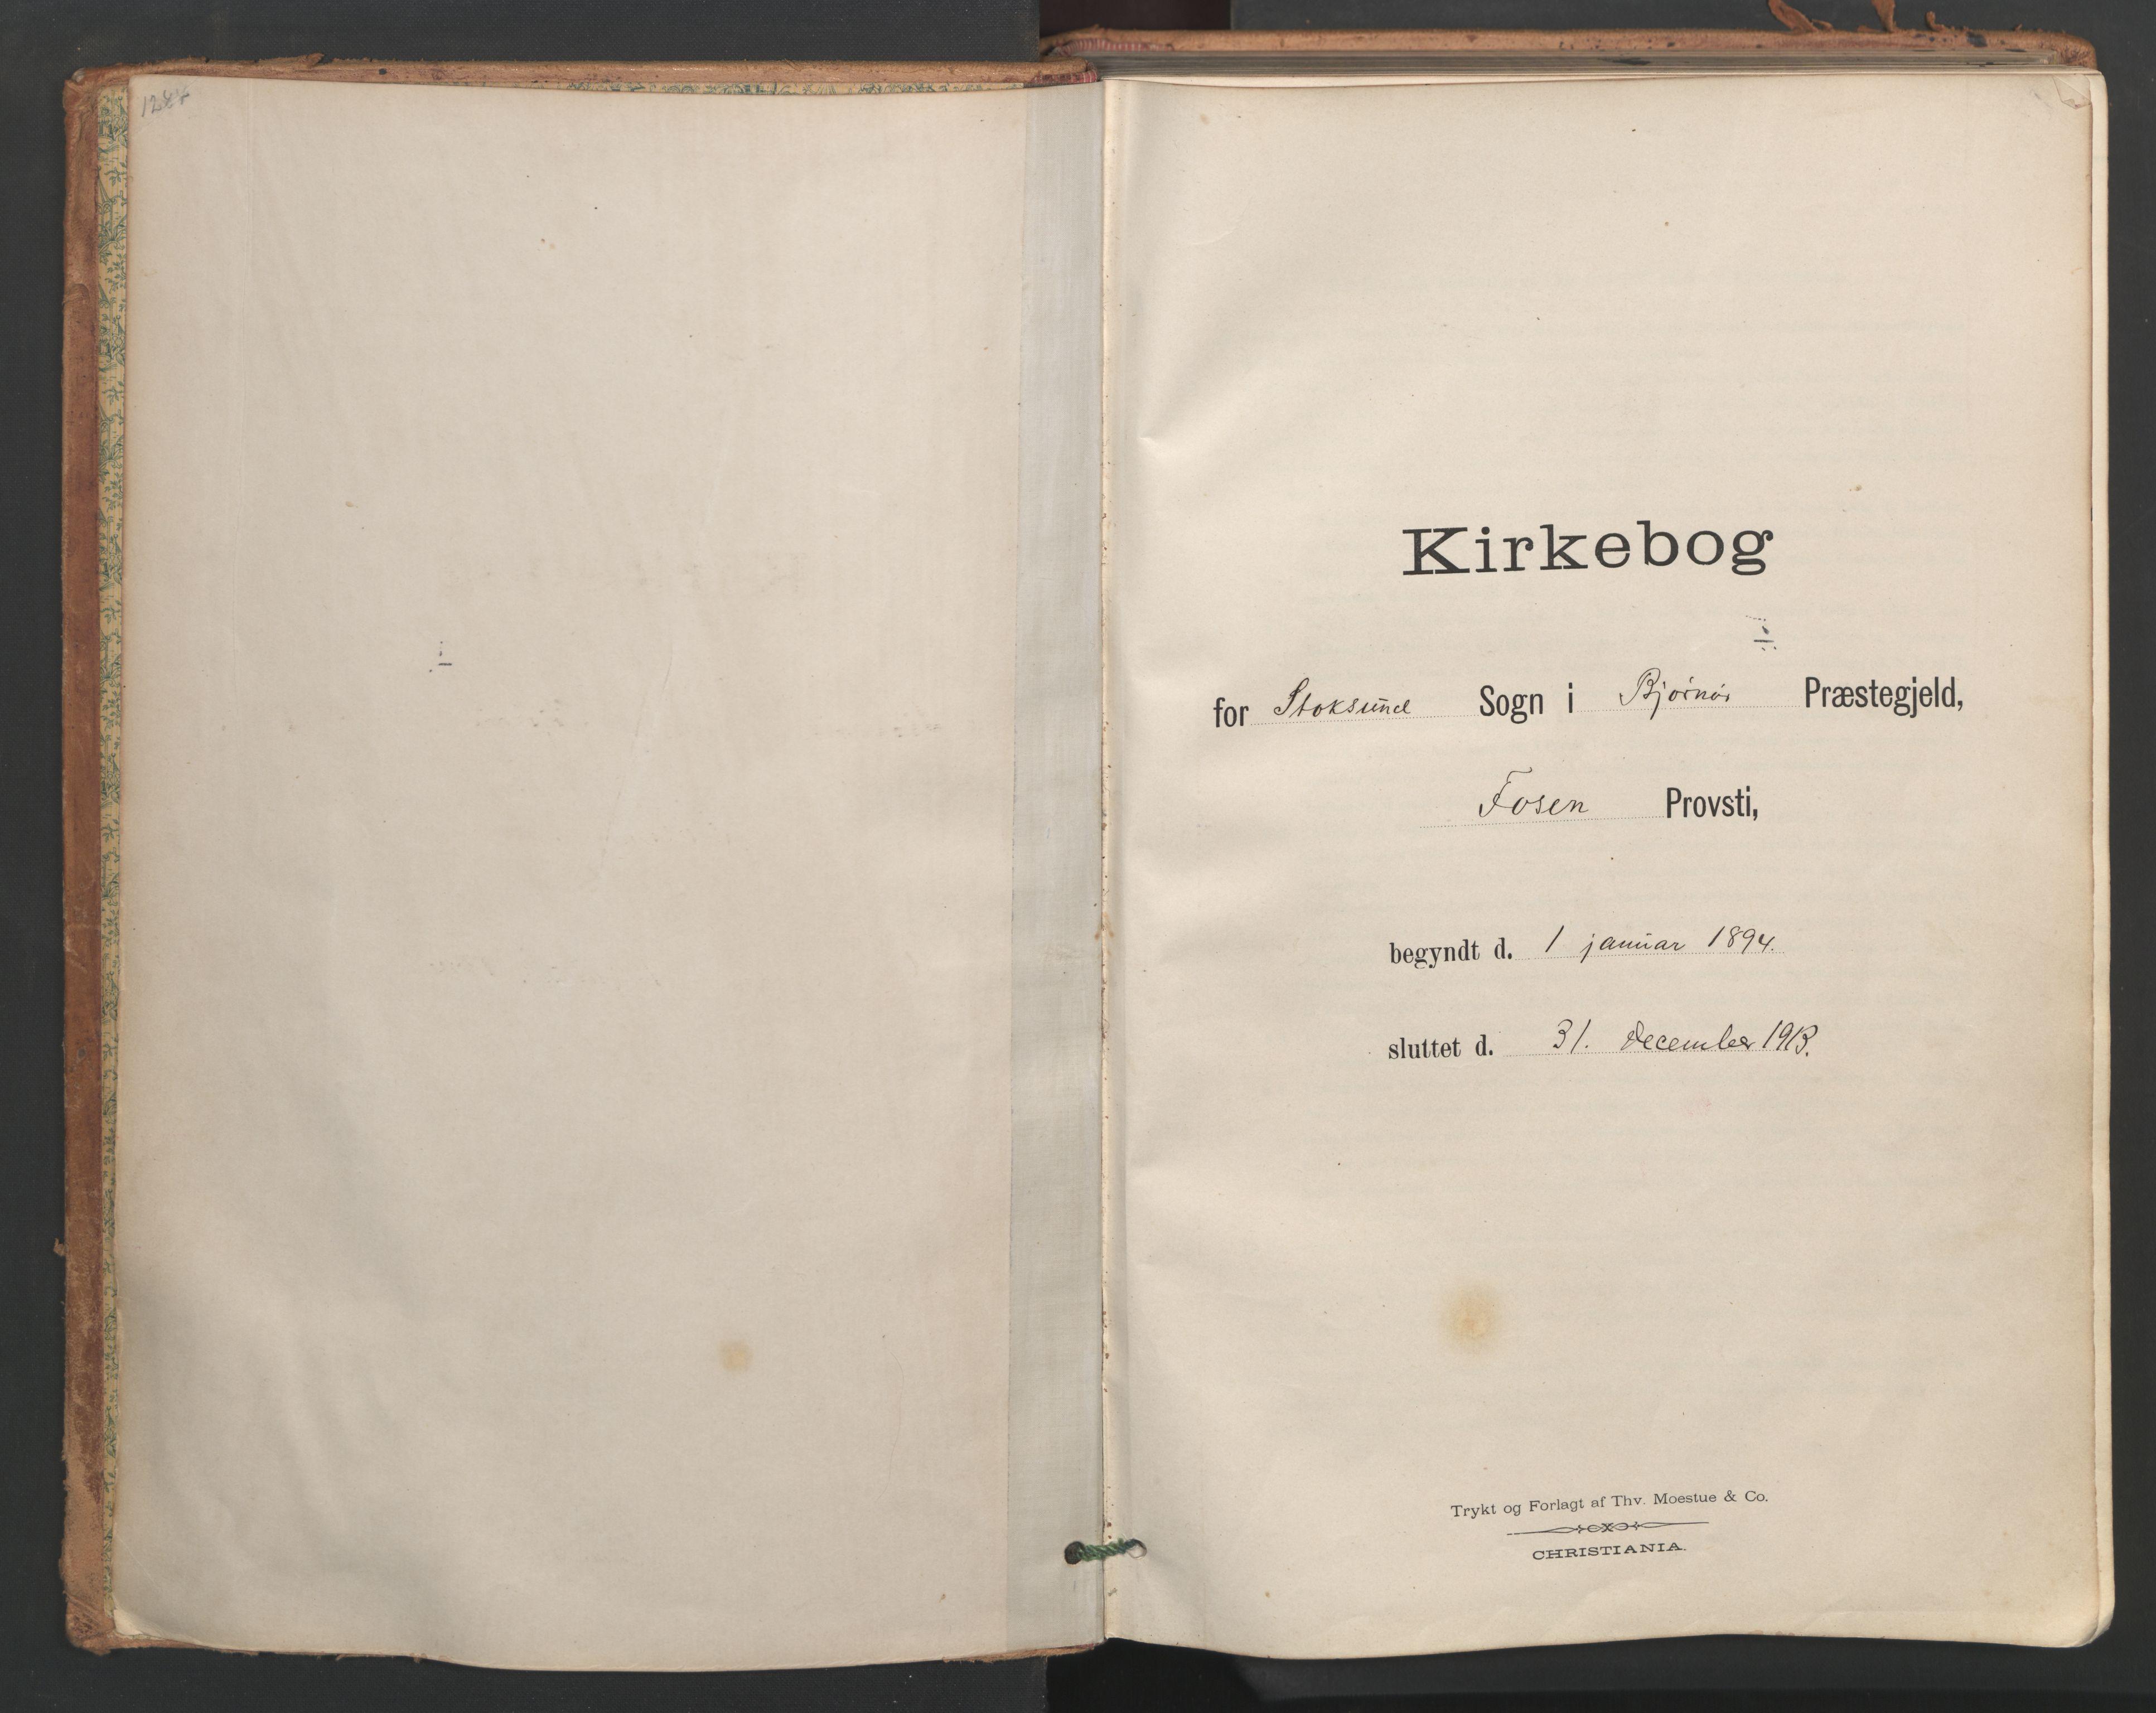 SAT, Ministerialprotokoller, klokkerbøker og fødselsregistre - Sør-Trøndelag, 656/L0693: Ministerialbok nr. 656A02, 1894-1913